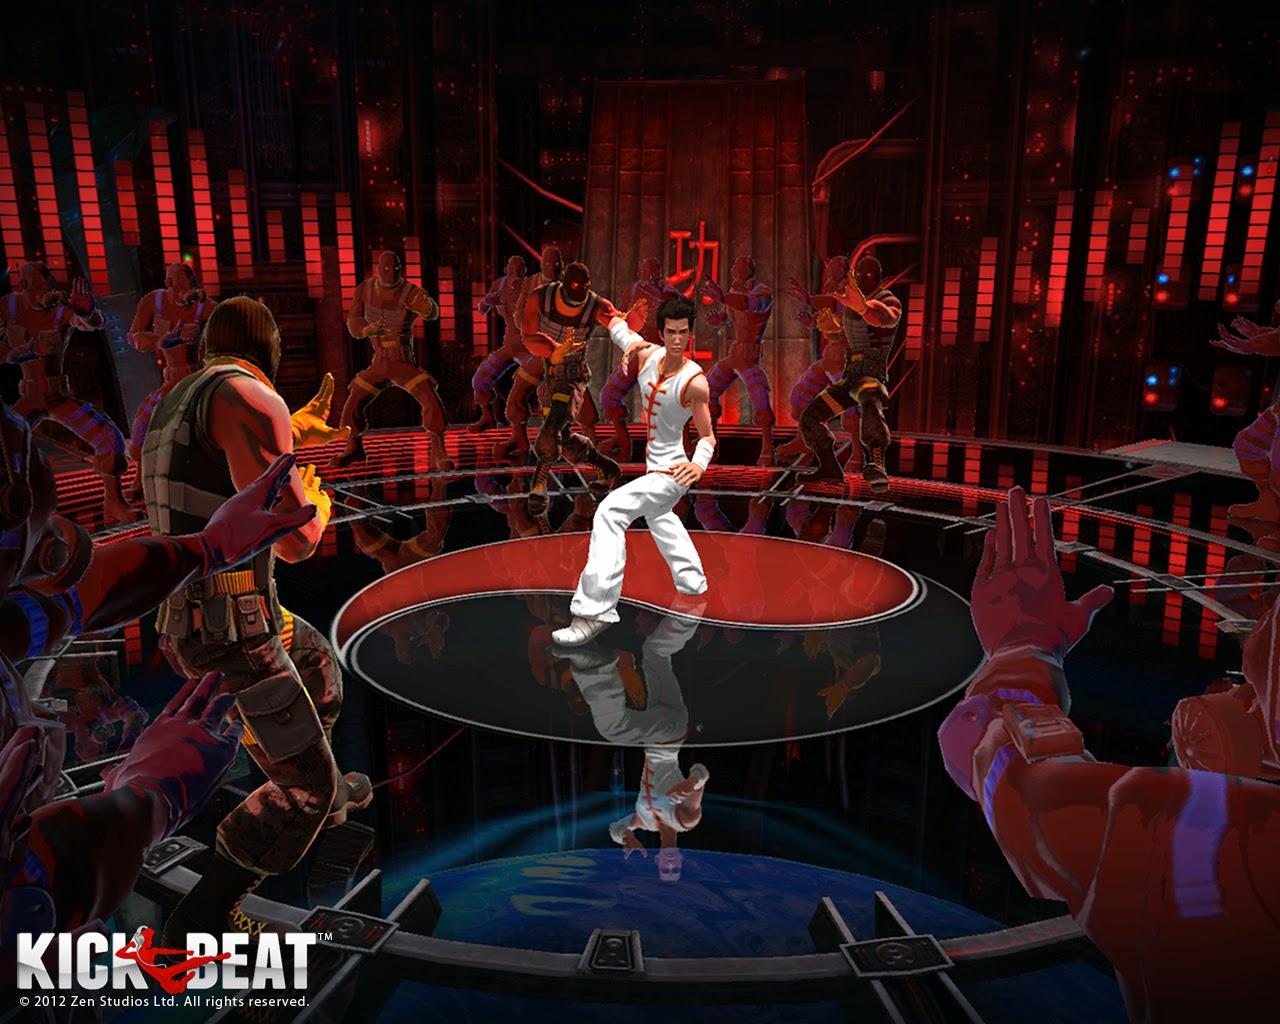 Loạt hình nền tuyệt đẹp của game âm nhạc KickBeat - Ảnh 3